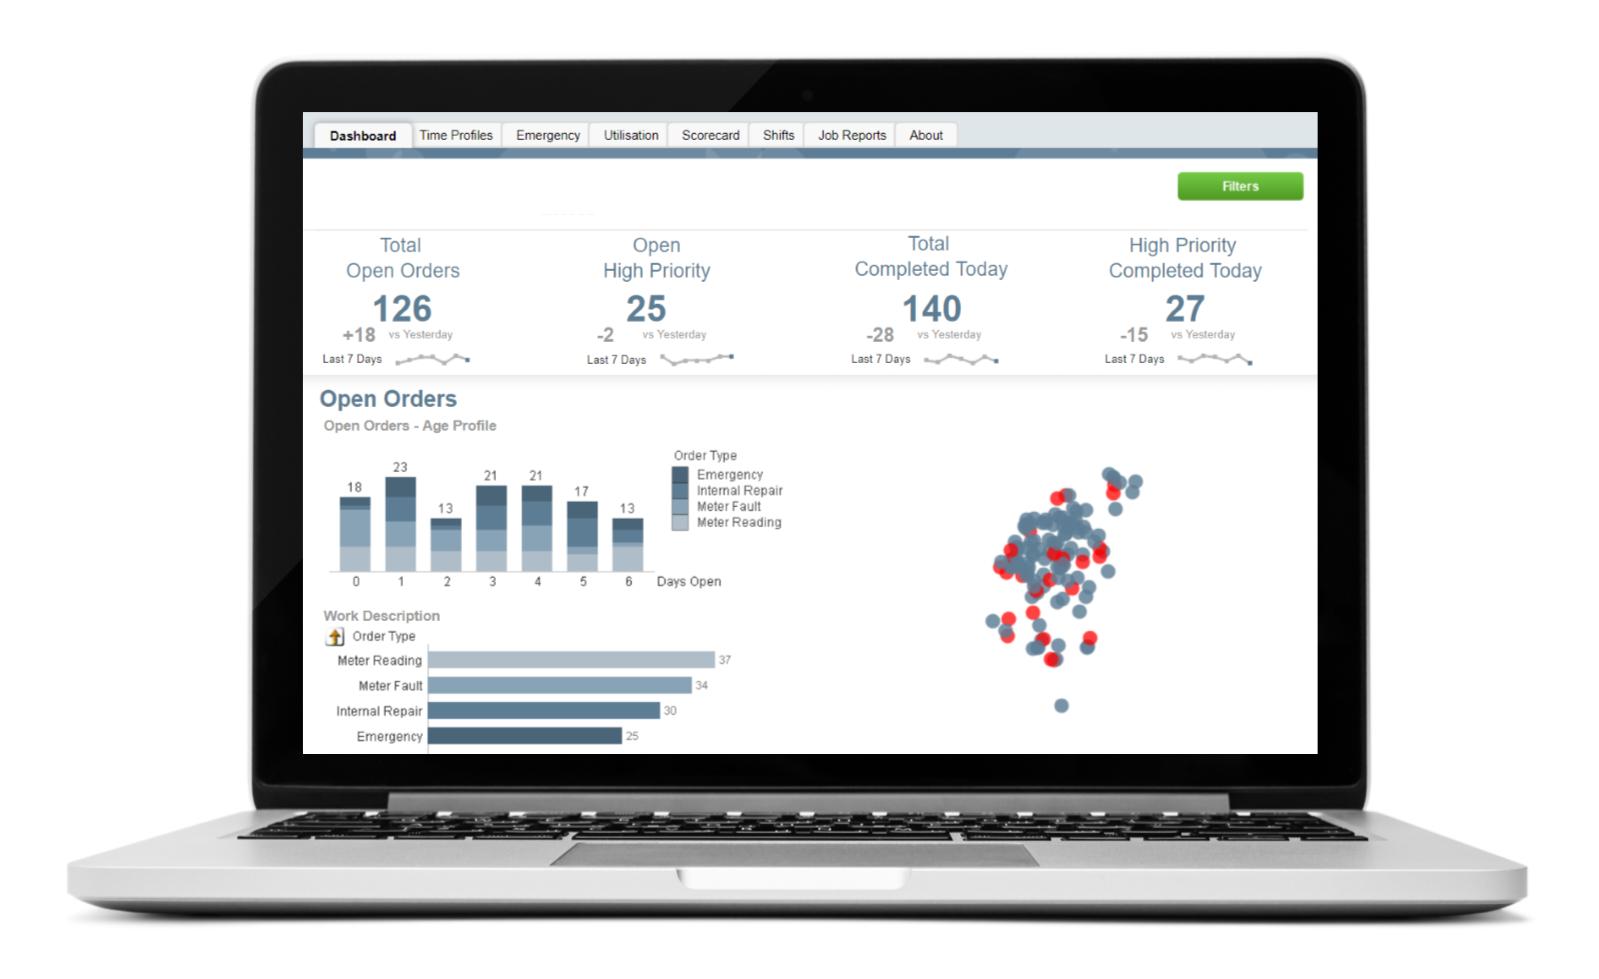 QlikView-workforce management dashboard